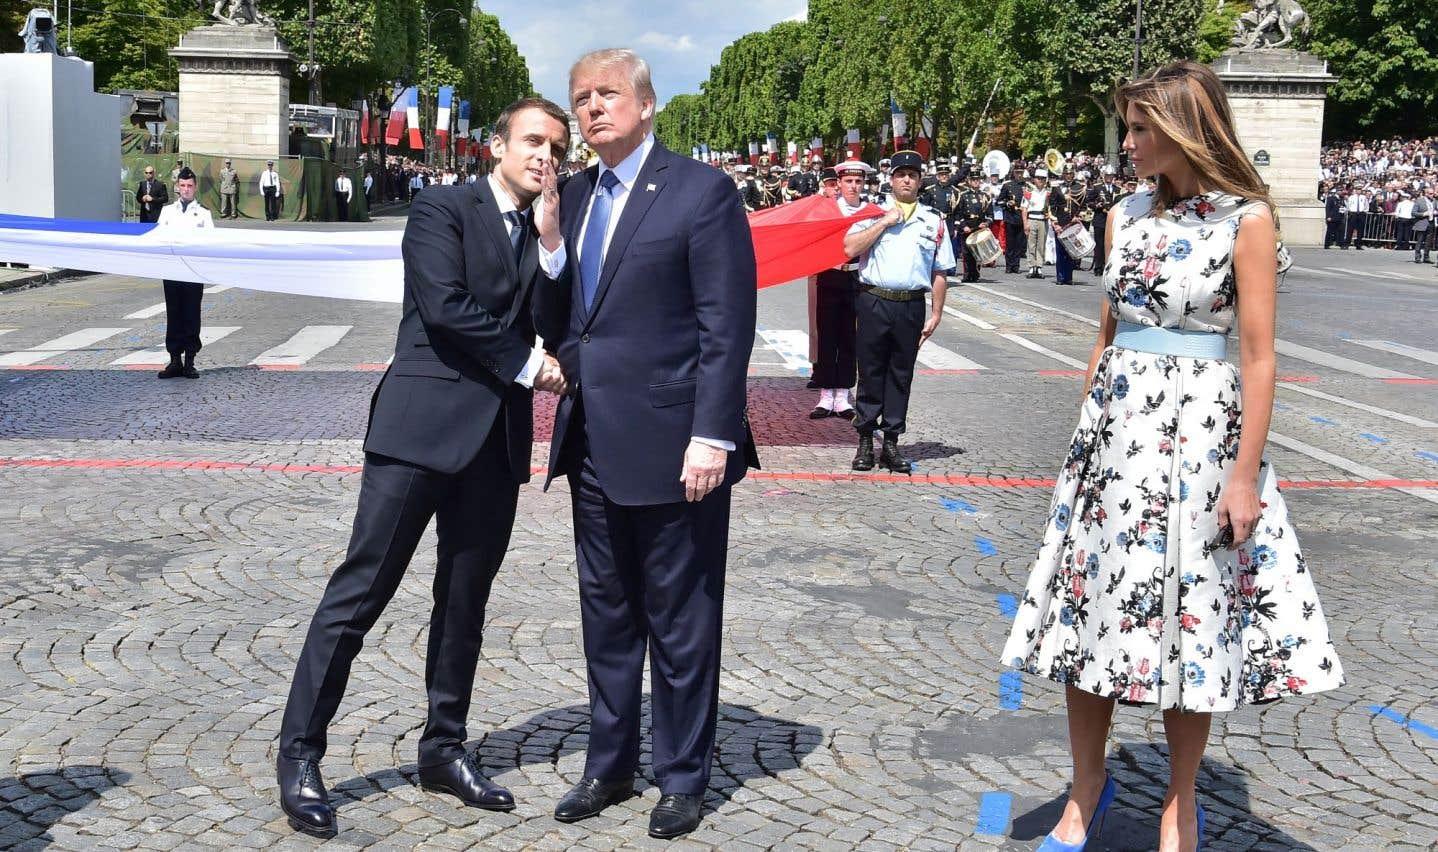 Pourquoi Paris accueille-t-il le président Trump?